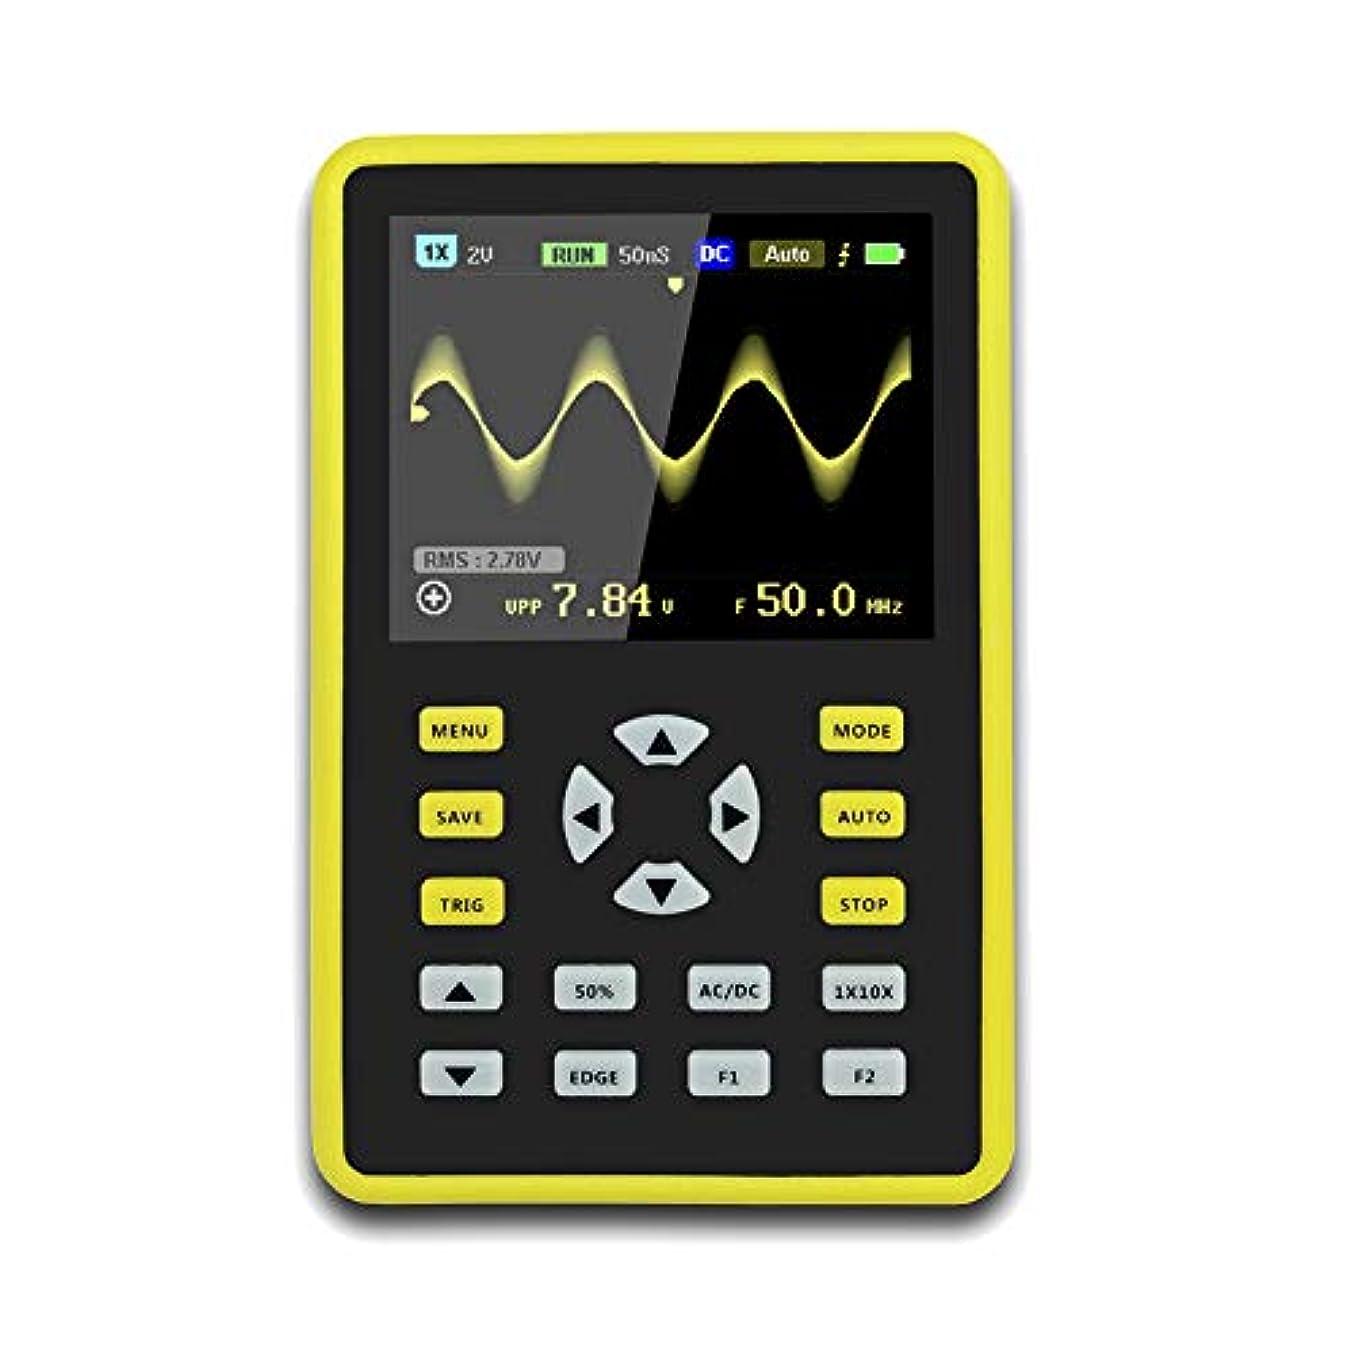 乱用遵守する異議Xlp  手持ち型デジタル小型オシロスコープ2.4インチ500 MS/s IPS LCD表示スクリーンの携帯用